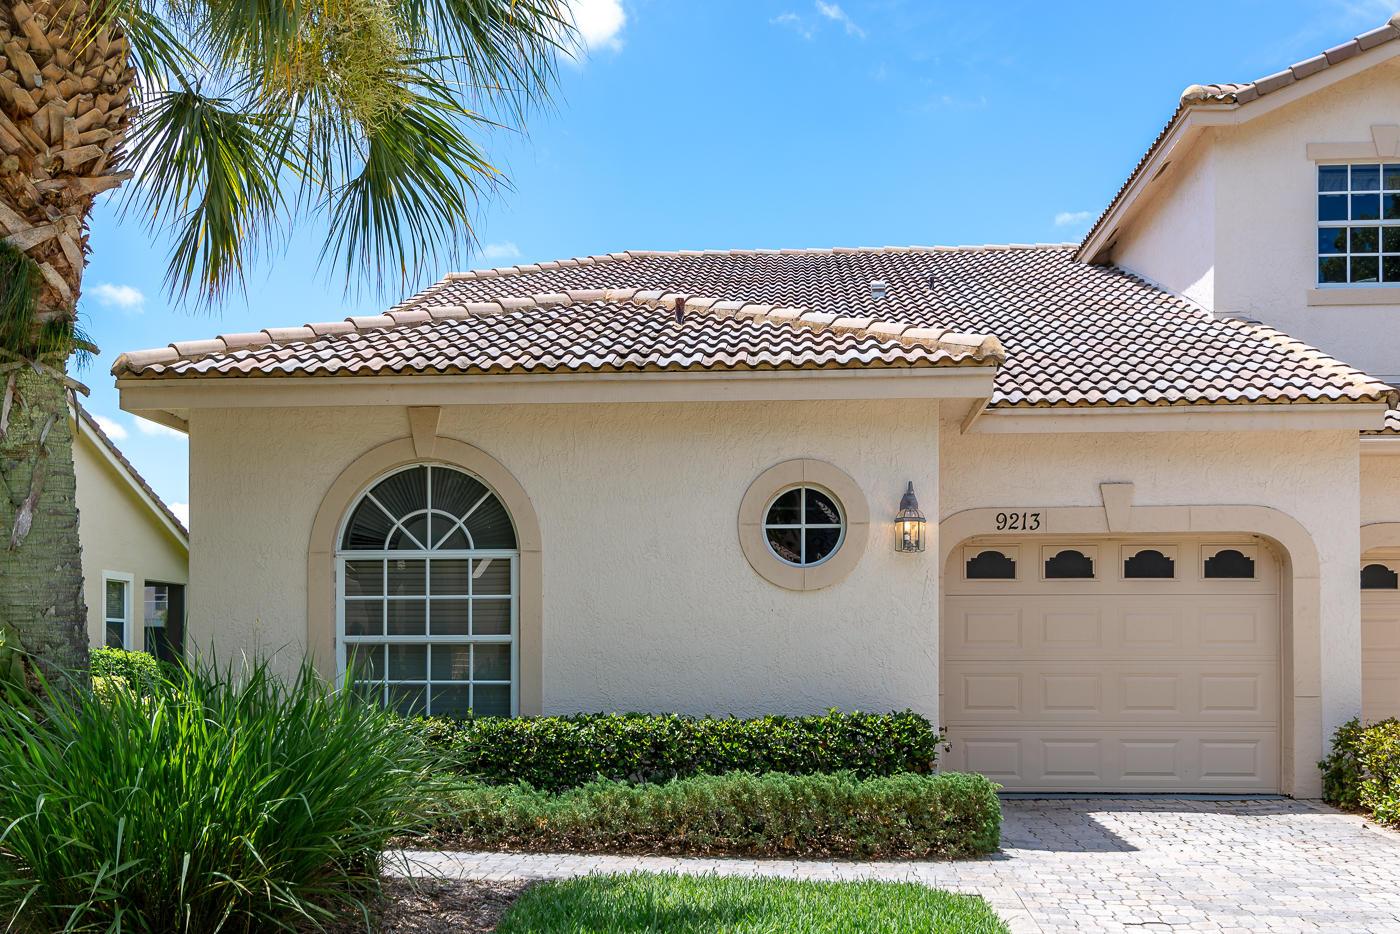 9213  Wentworth Lane, Port Saint Lucie, Florida